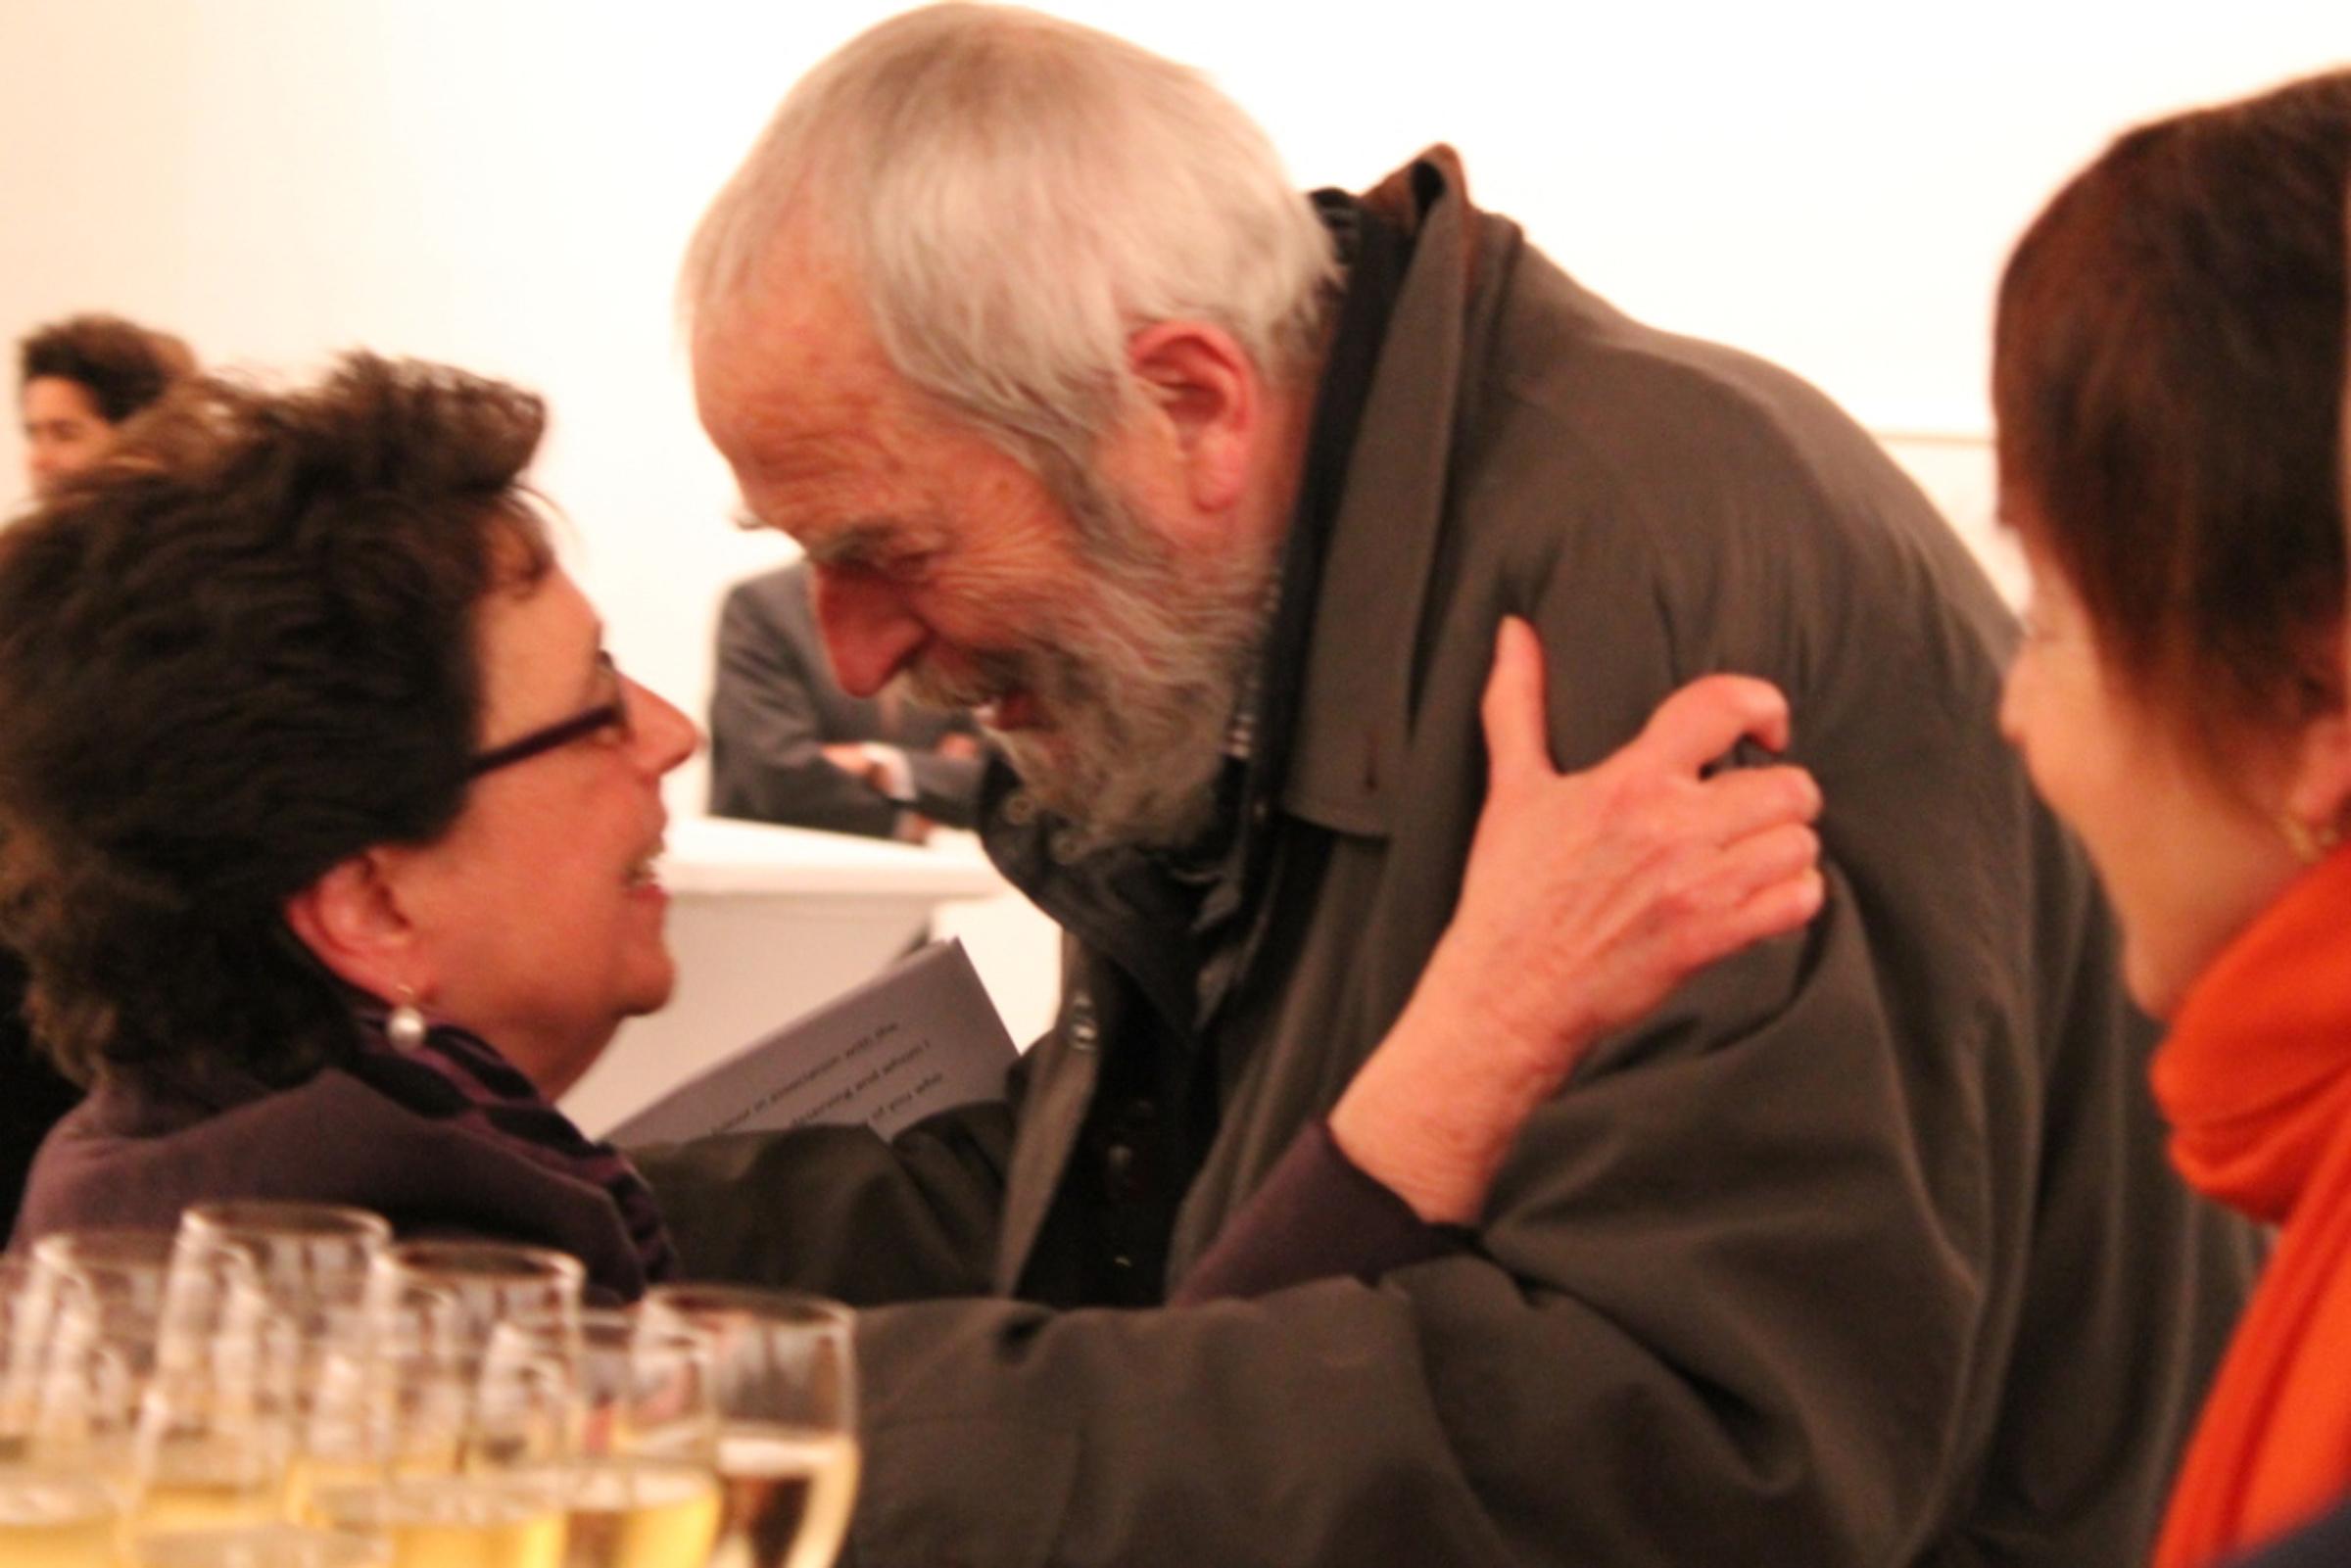 """Marian Goodman et Niele Toroni, pour l'exposition """"Empreintes de pinceau N°50 à intervalles réguliers de 30cm"""", galerie Marian Goodman à Paris, 2020"""